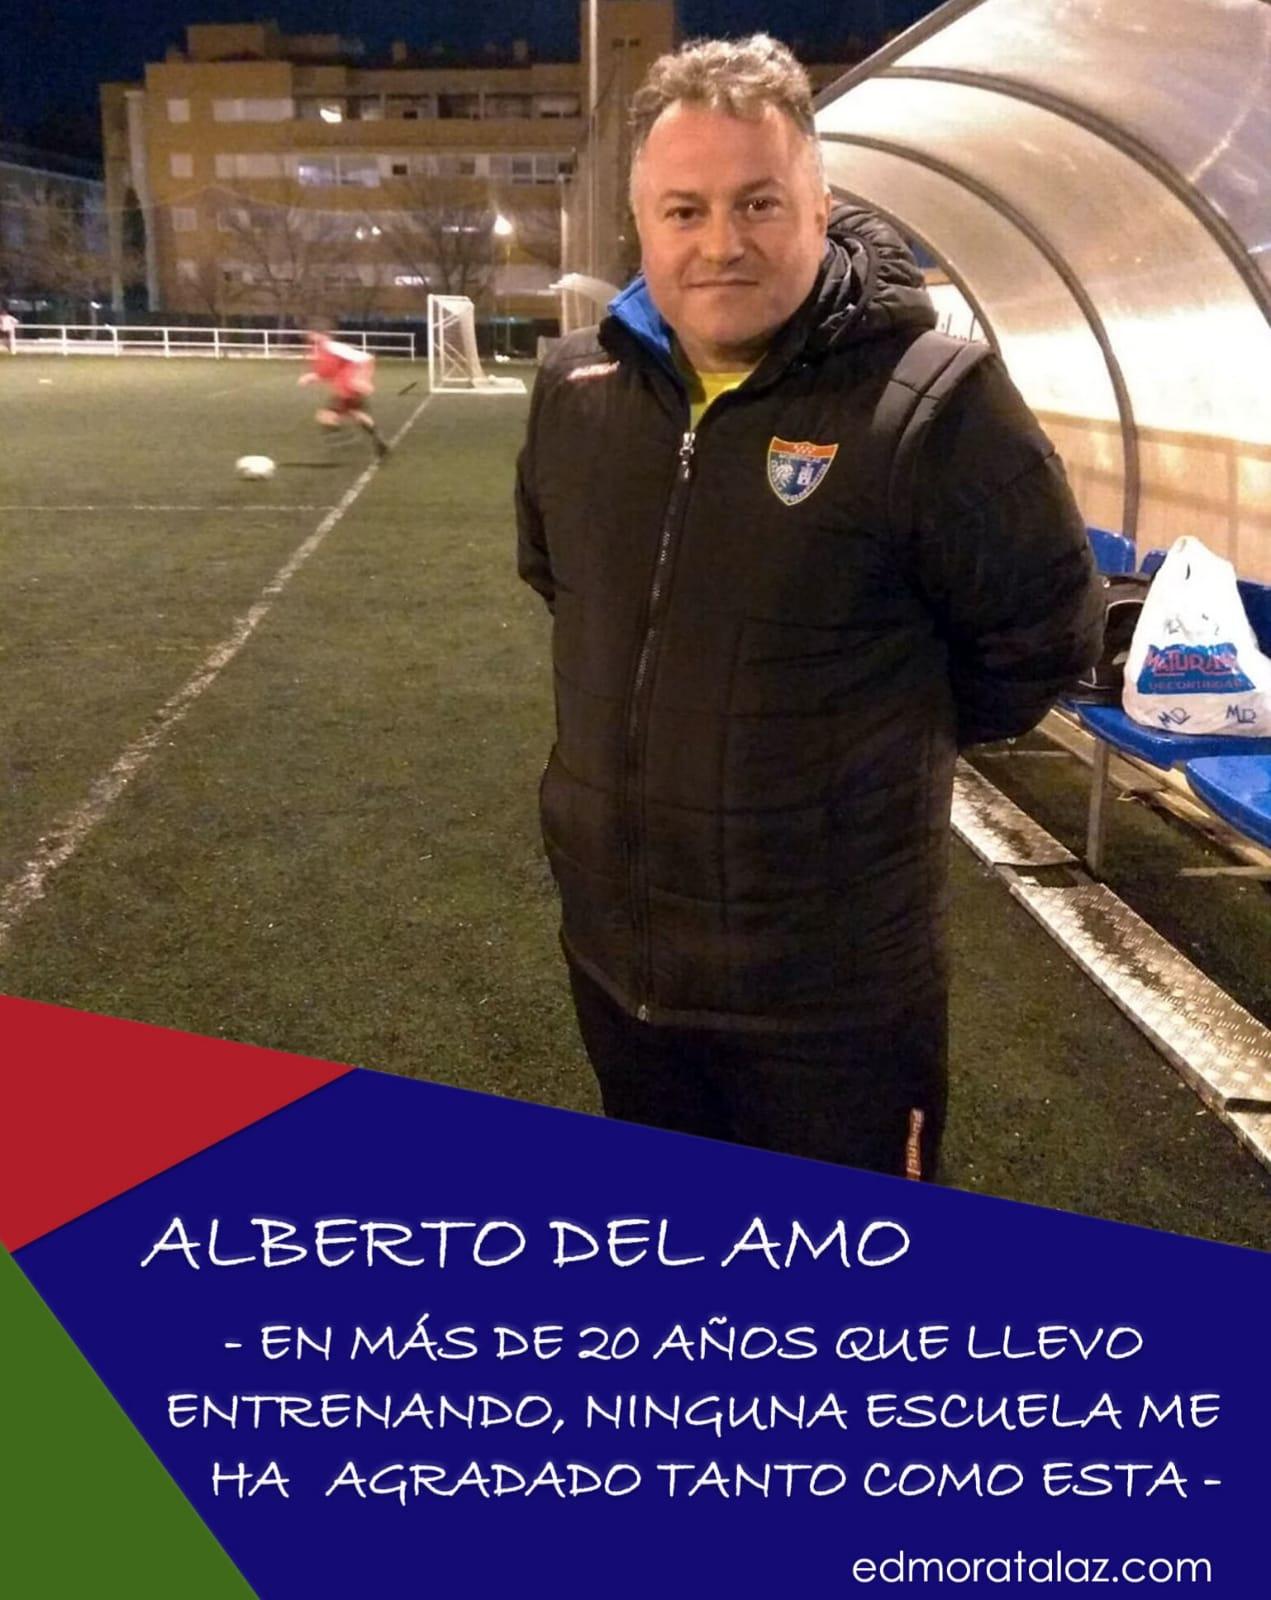 """Alberto del Amo: """"En más de 20 años que llevo entrenando, ninguna escuela me ha agradado tanto como esta"""""""